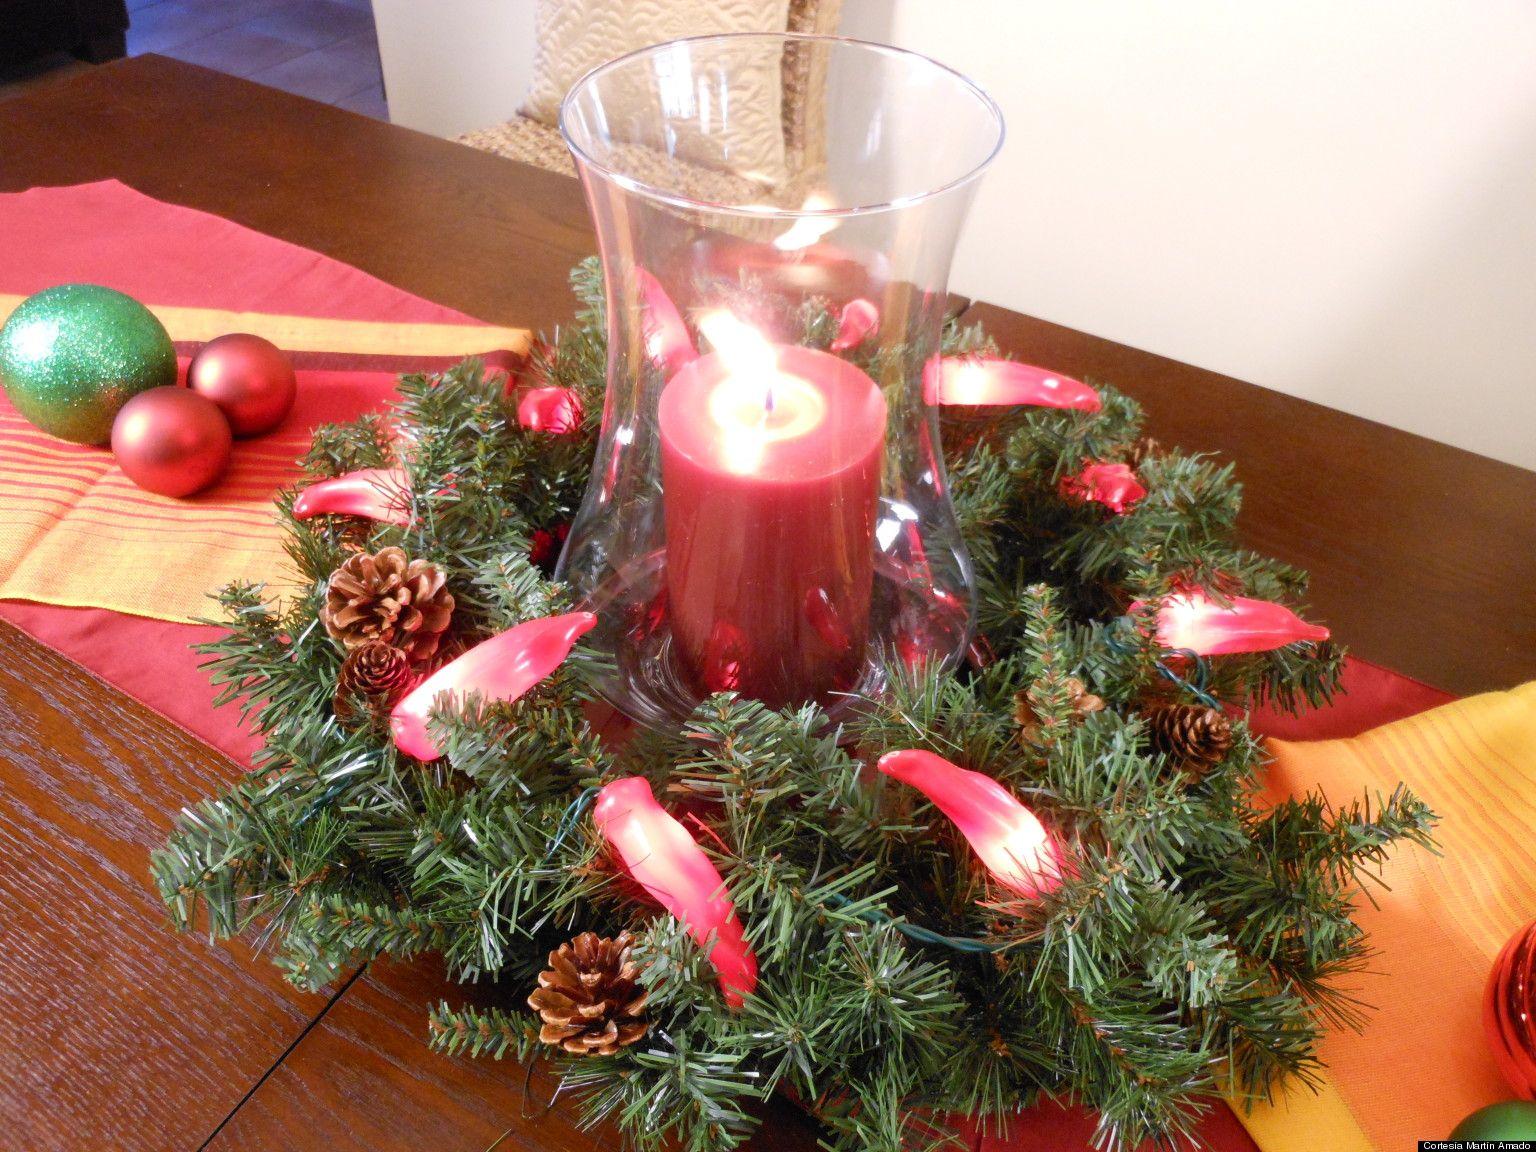 intenta estos centros de mesa tu misma para esta navidad http